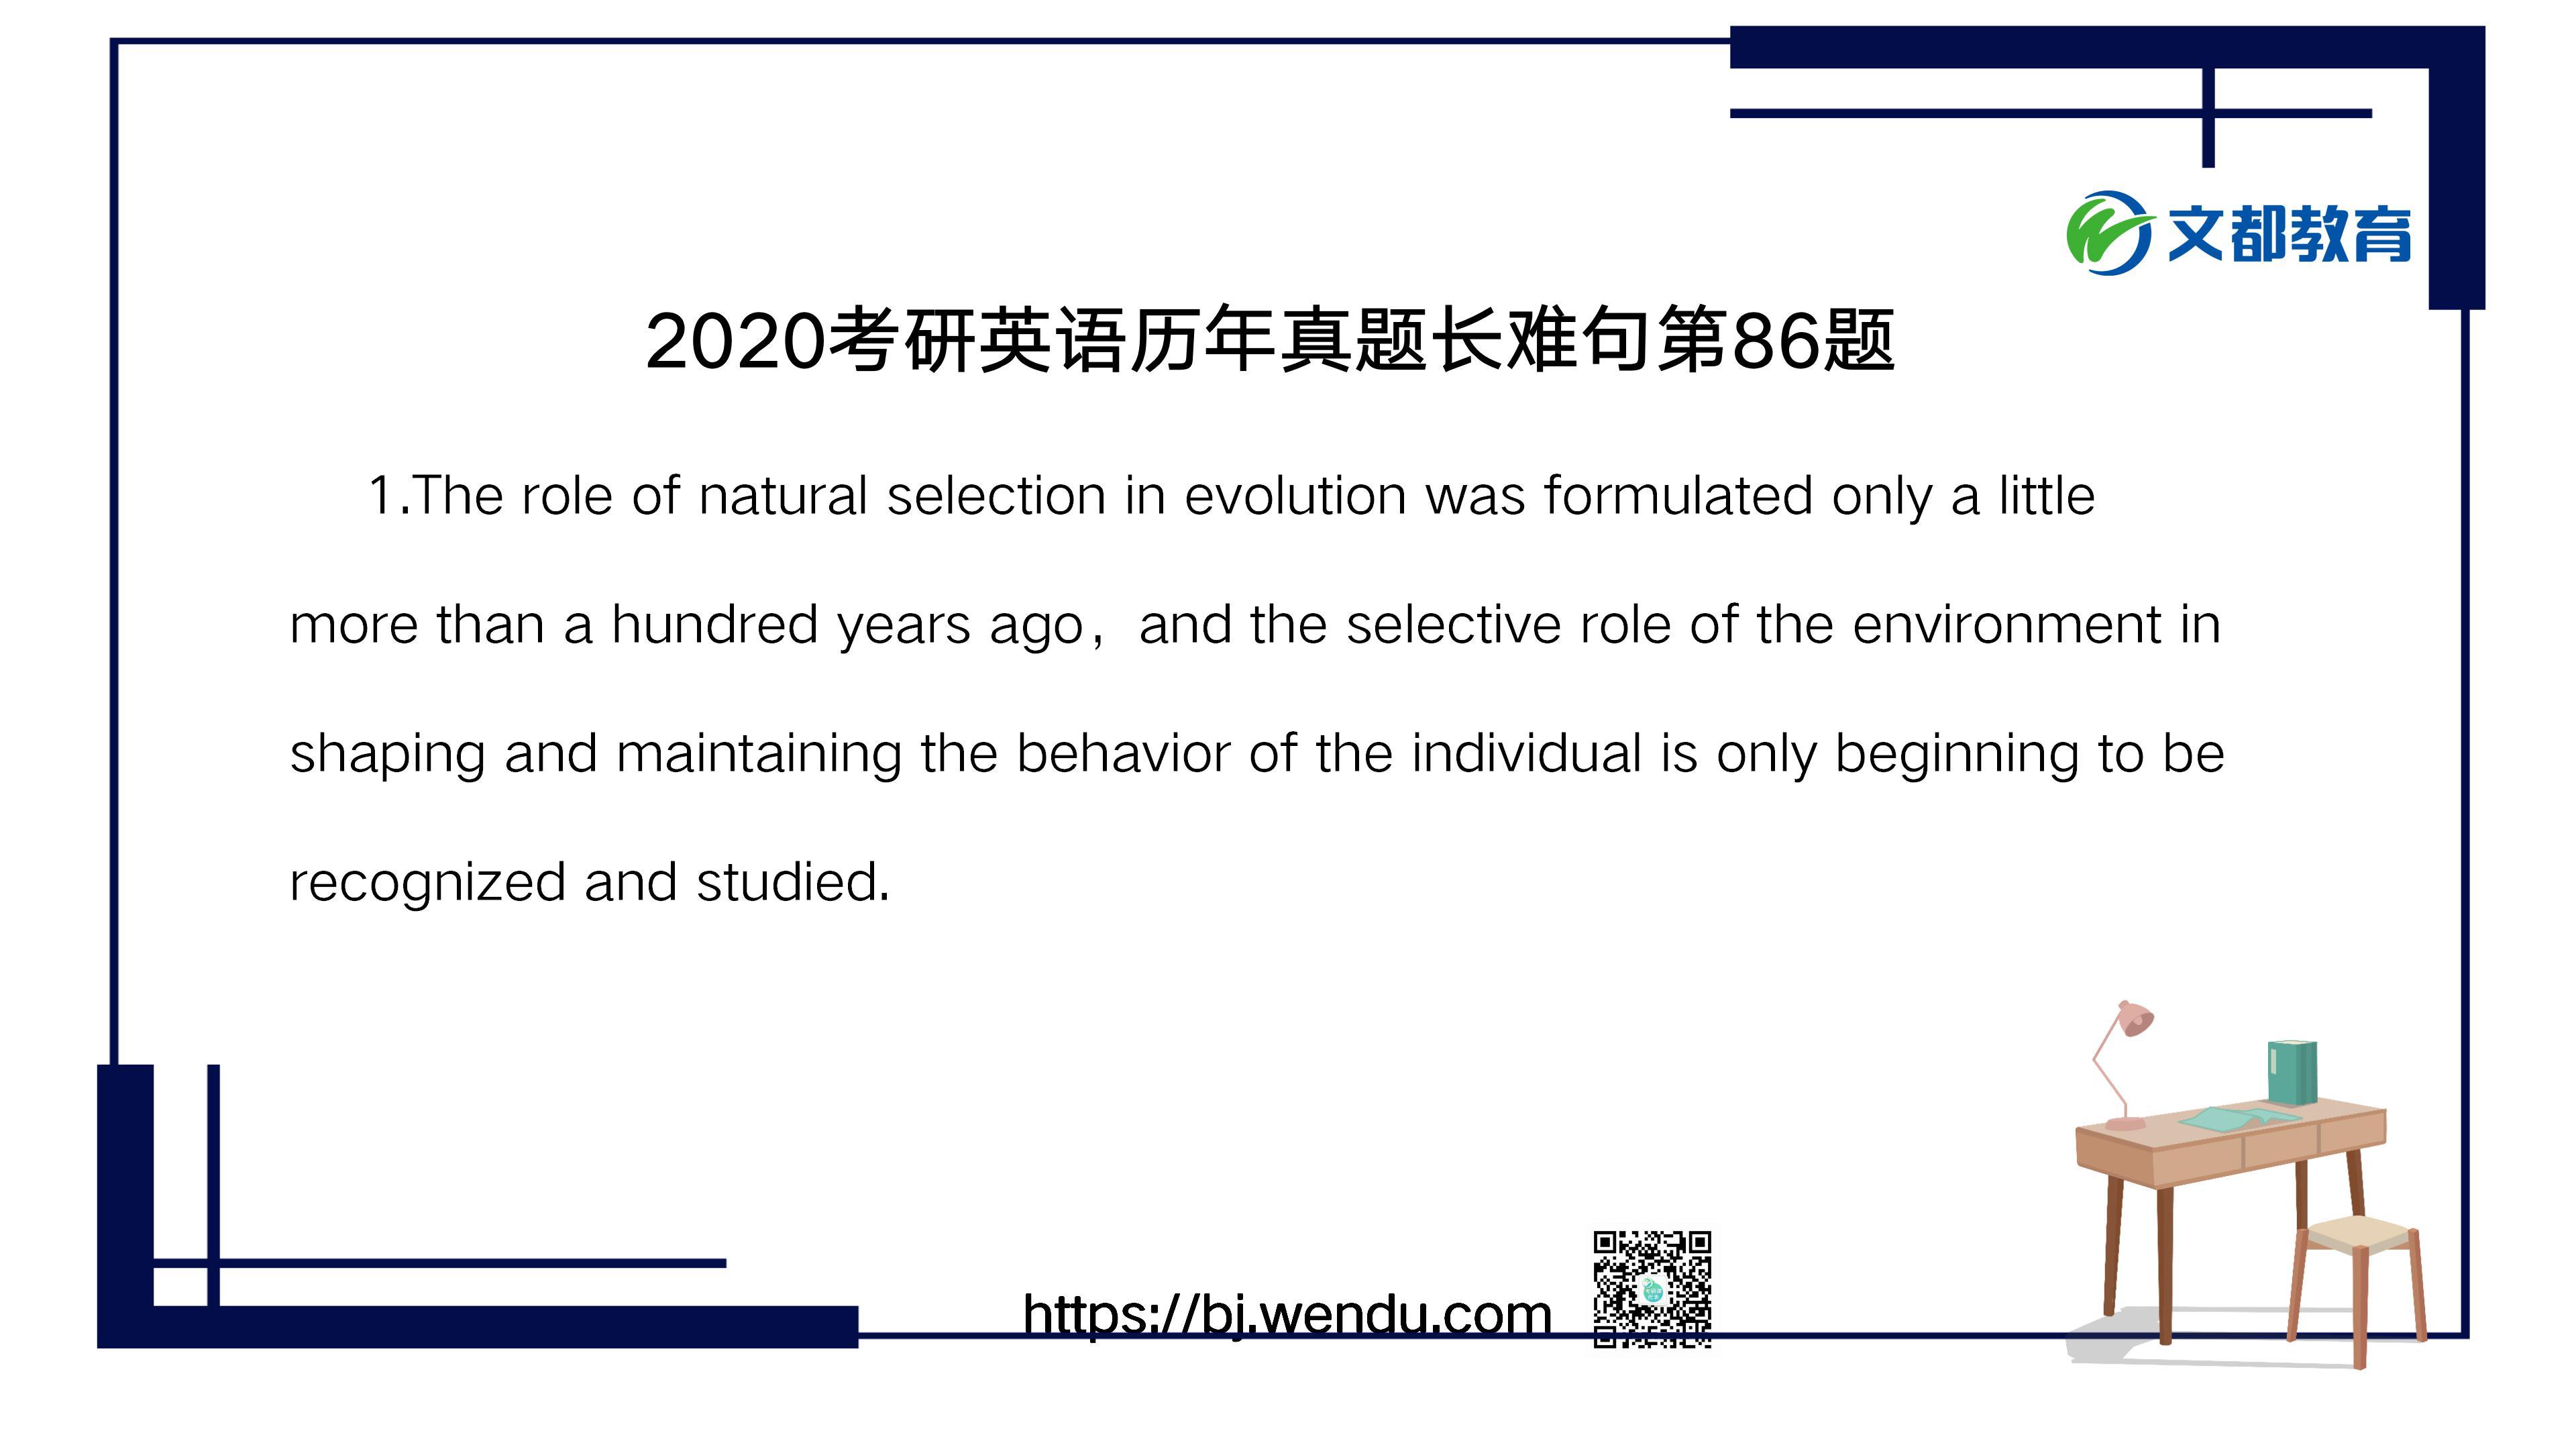 2020考研英语历年真题长难句第86题